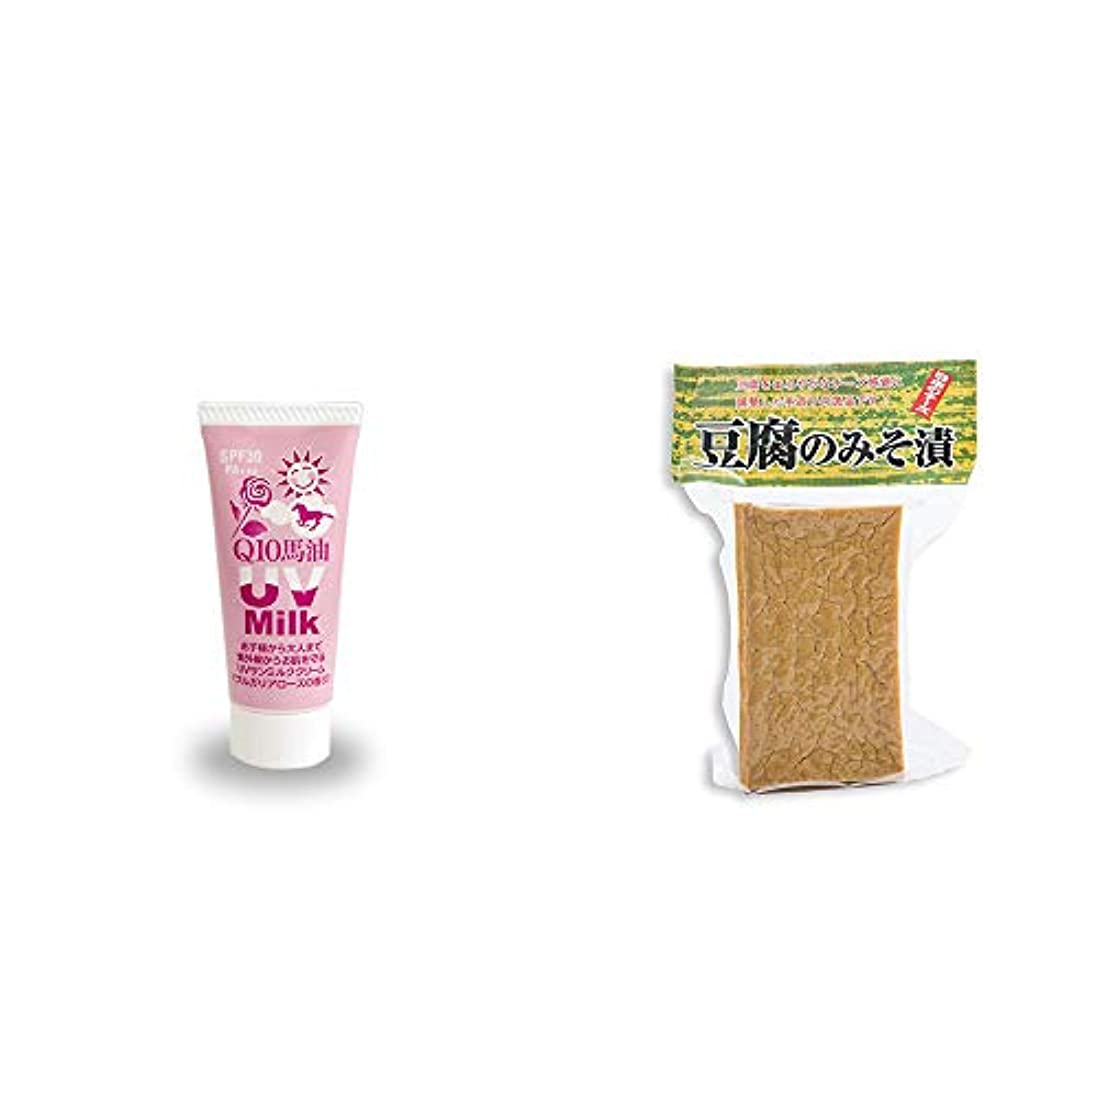 [2点セット] 炭黒泉 Q10馬油 UVサンミルク[ブルガリアローズ](40g)?日本のチーズ 豆腐のみそ漬(1個入)